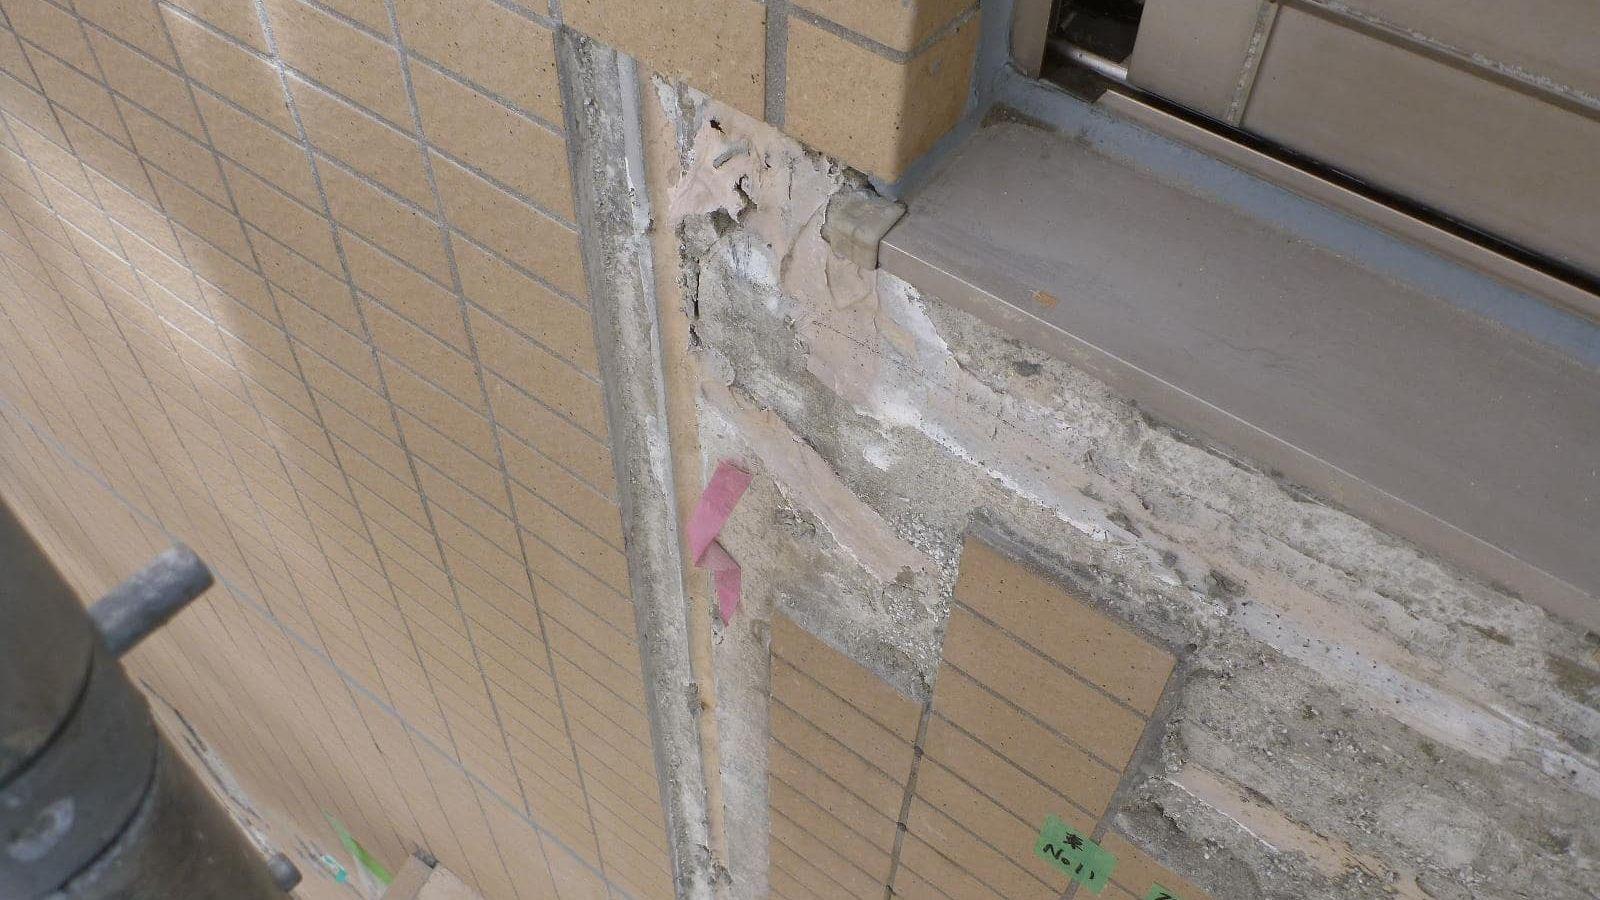 外壁タイルの瑕疵調査・補修コンサルティング - マンション管理組合のミカタ